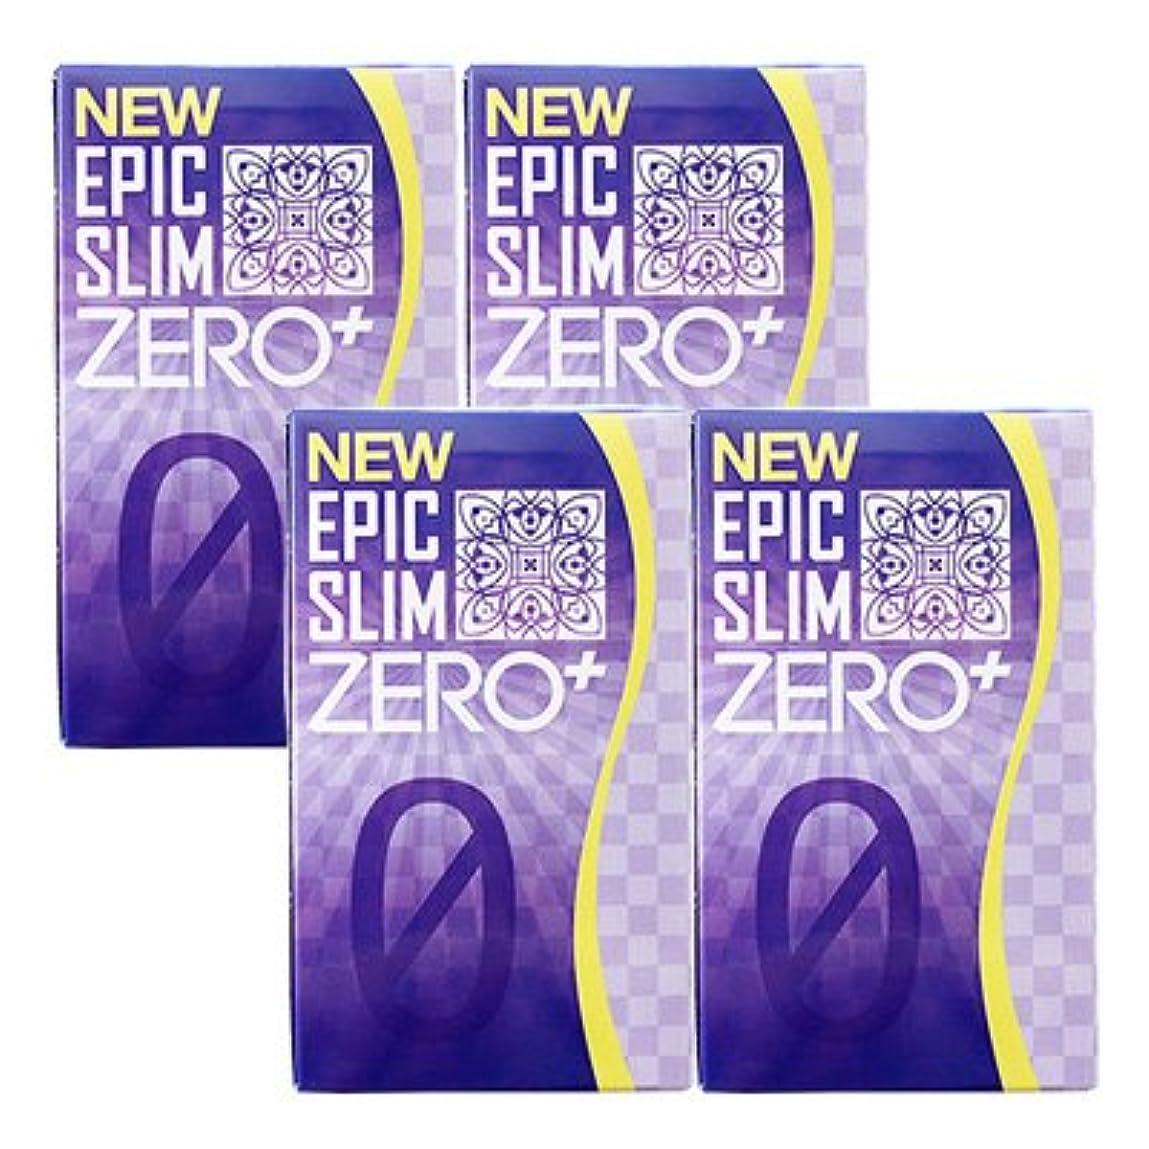 時代少なくとも召集するNEW エピックスリム ゼロ+ 4個セット NEW Epic Slim ZERO PLUS